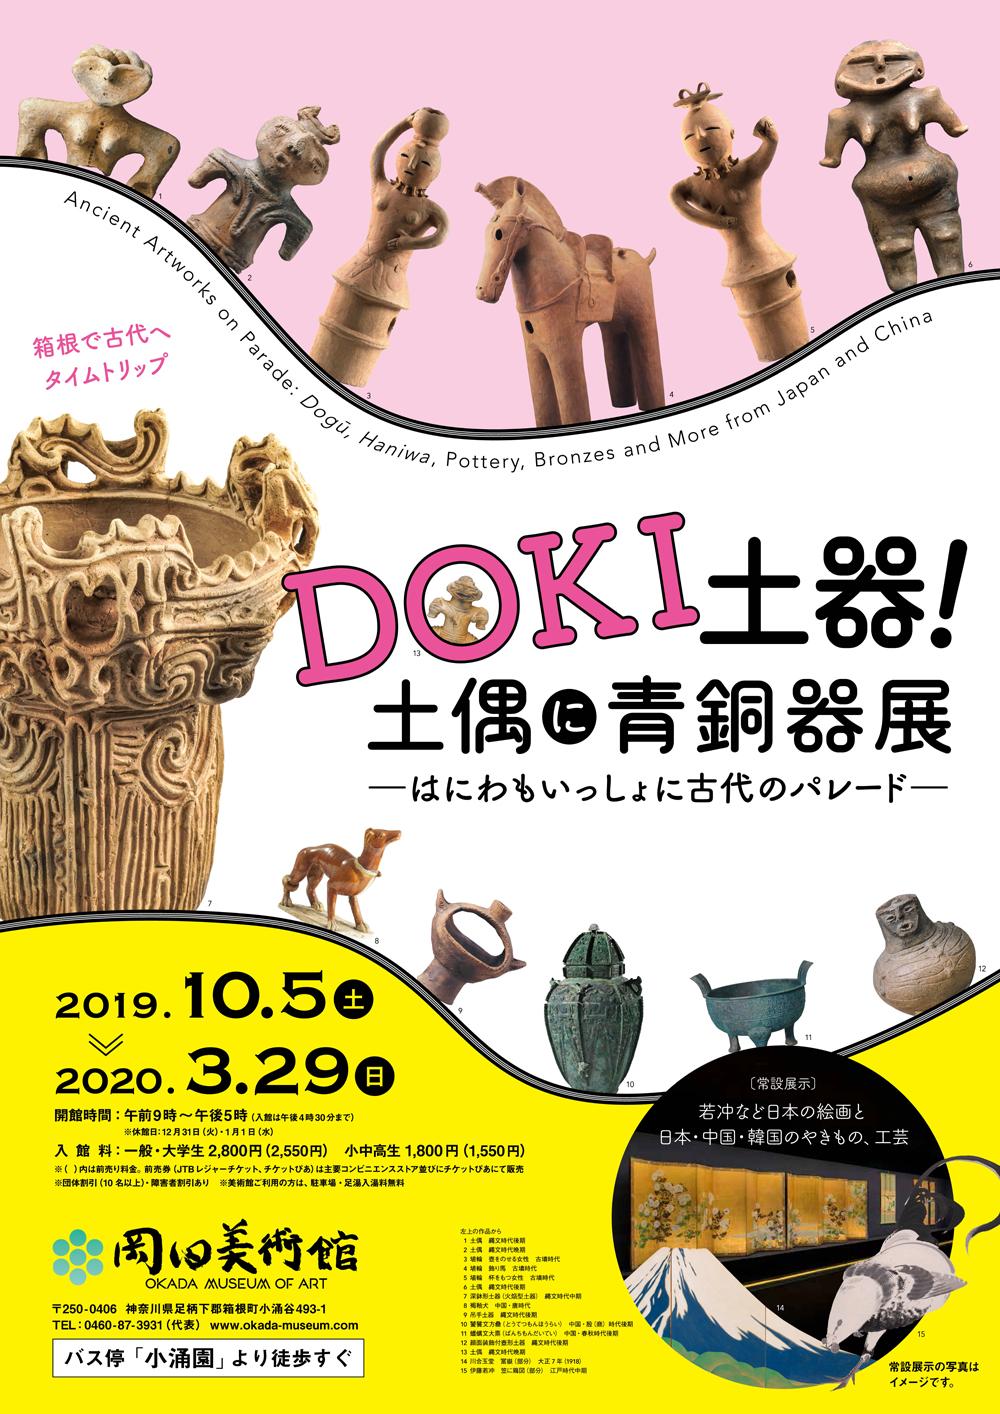 粘土人和花花人在一起!岡田博物館精選出示門票!